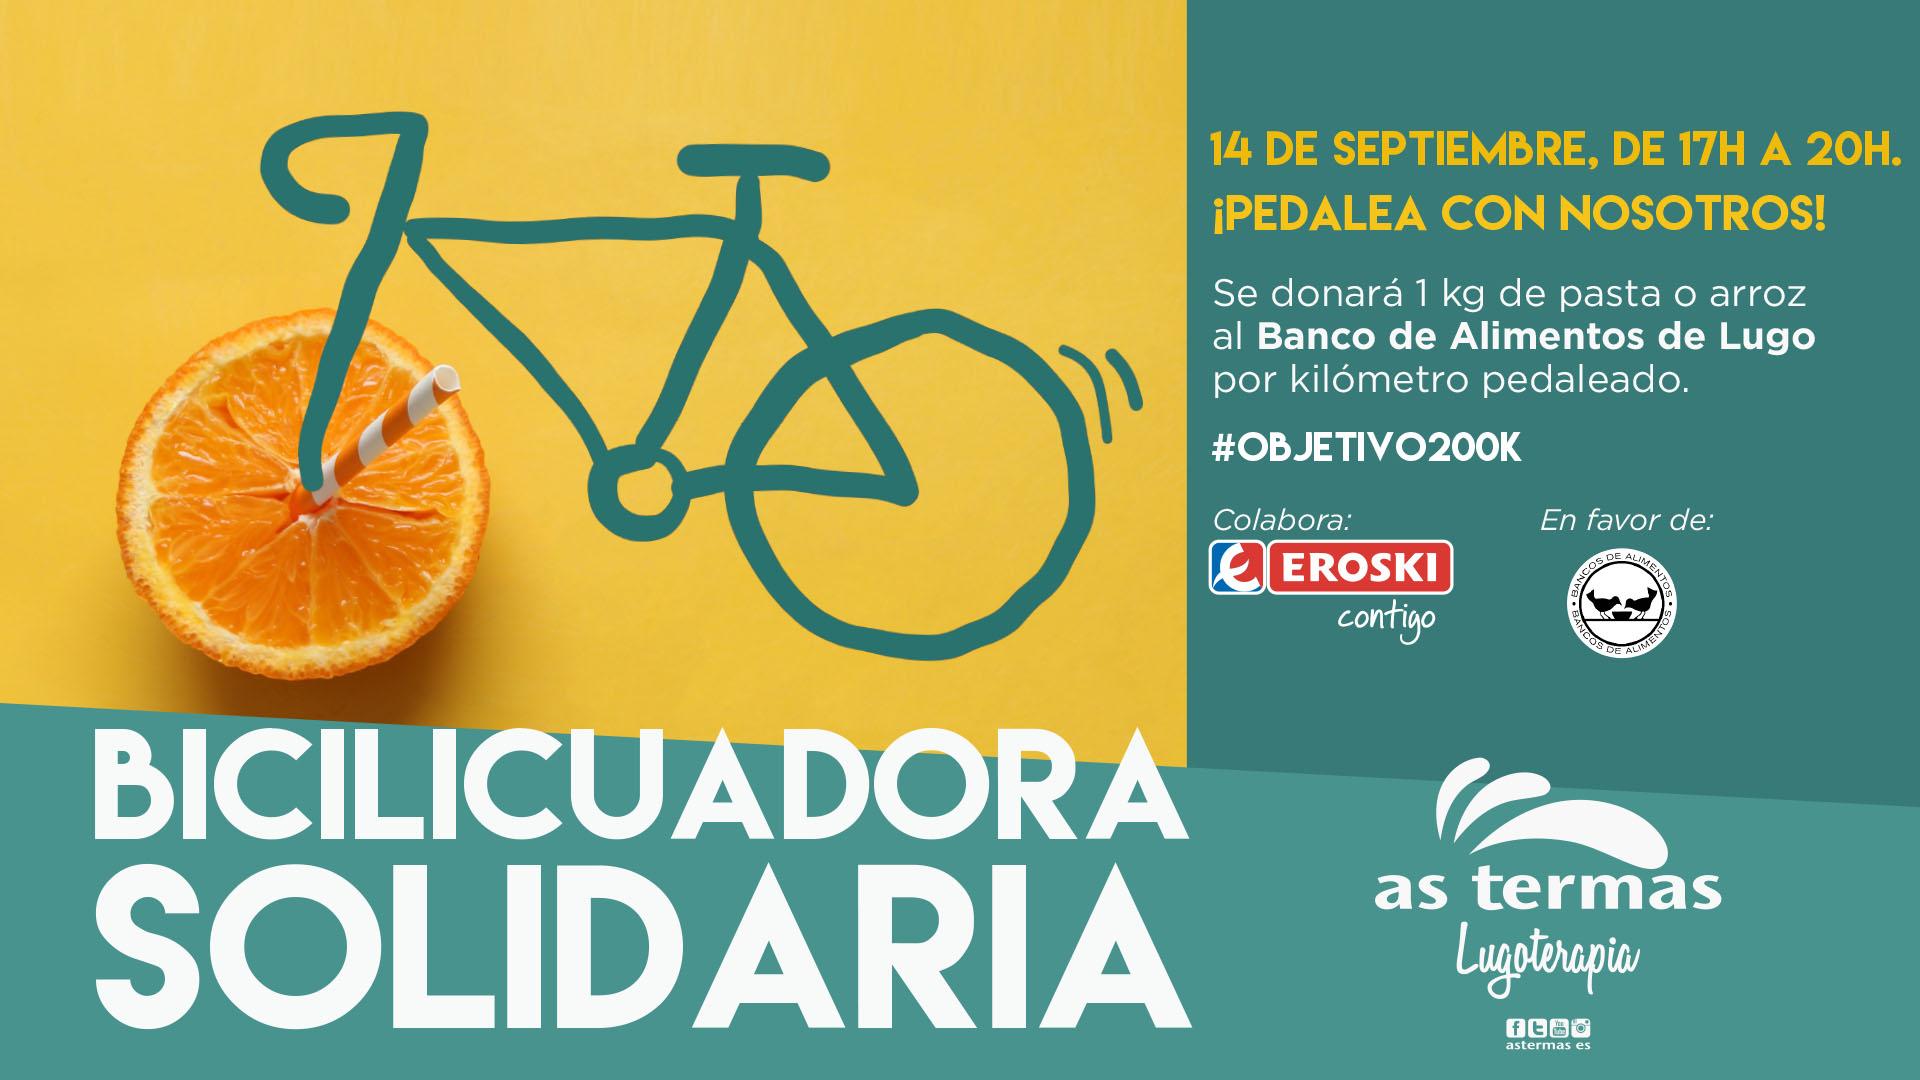 Por cada km pedaleado, se donará un kg de comida: así es la nueva acción solidaria de As Termas